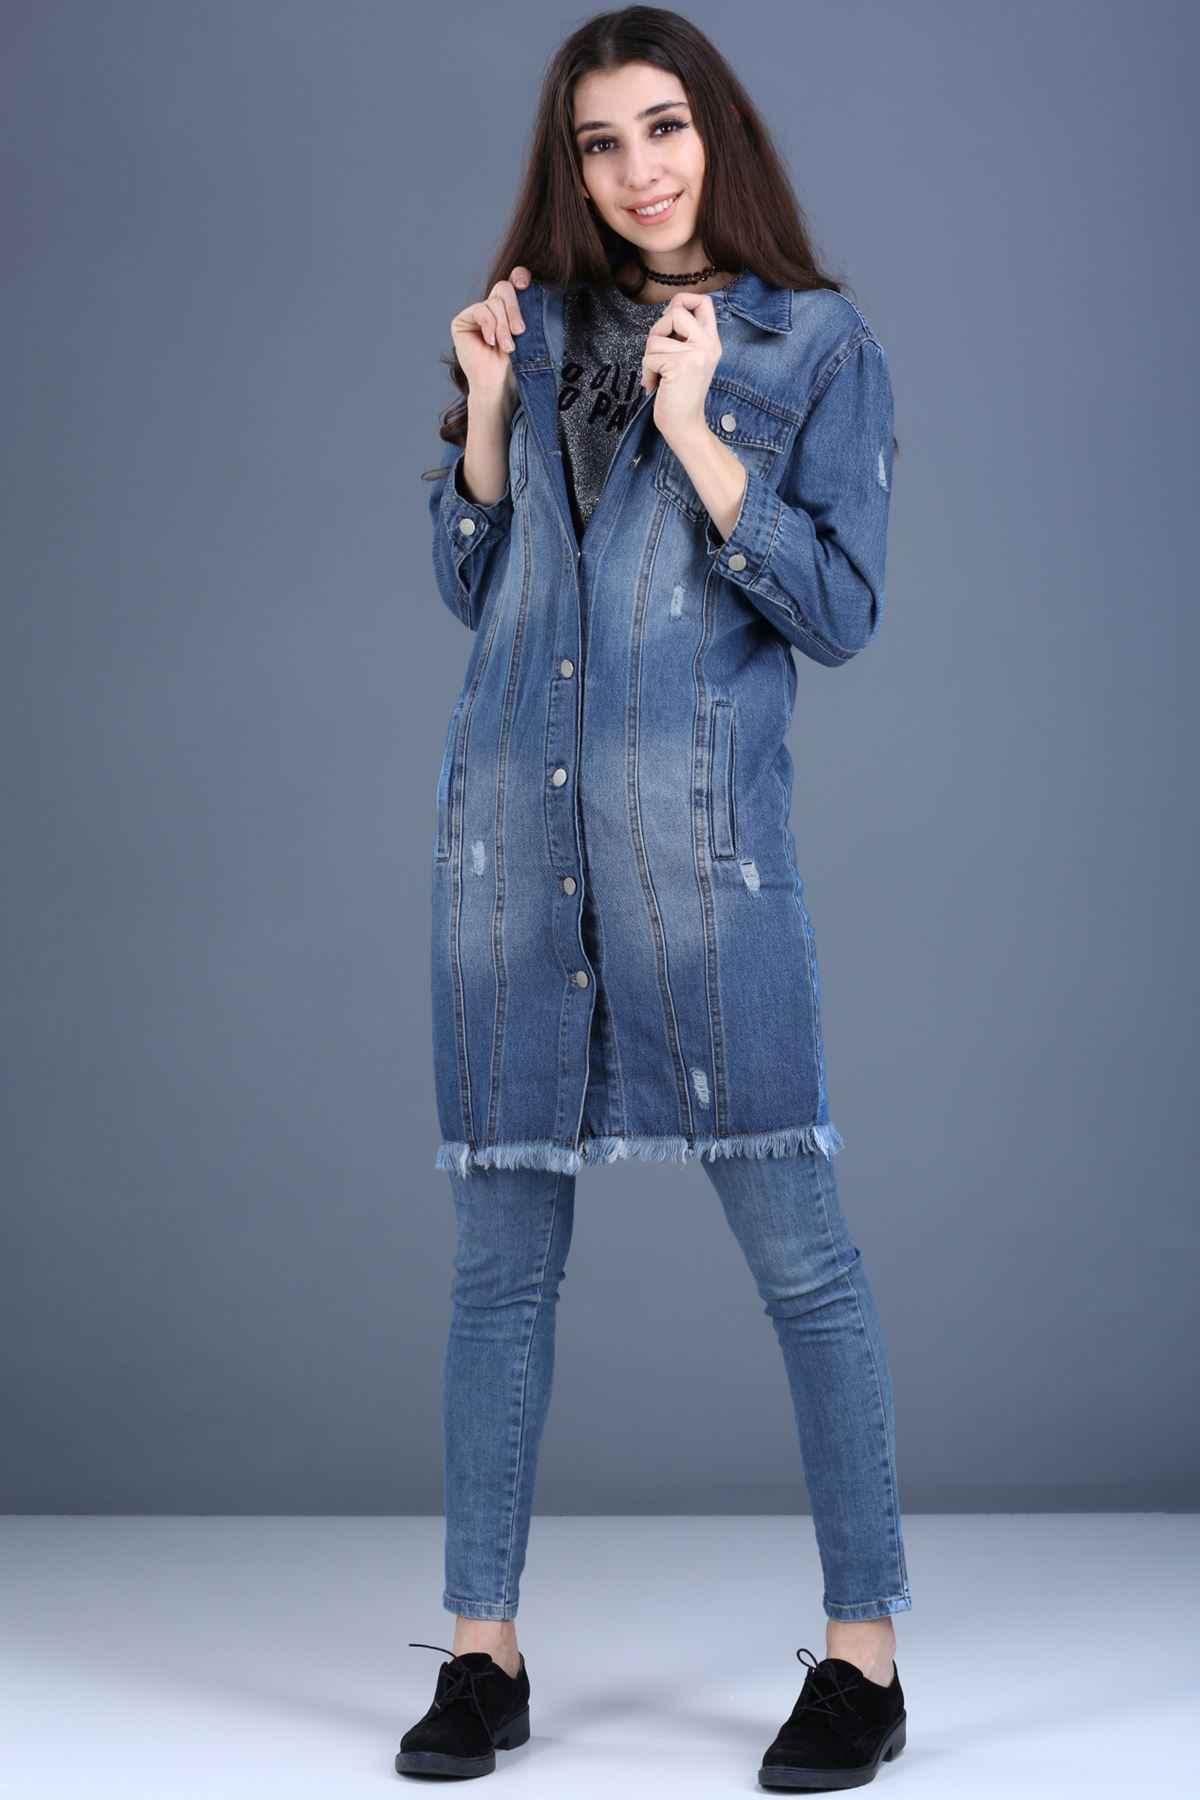 Patırtı Kot Ceket Modelleri